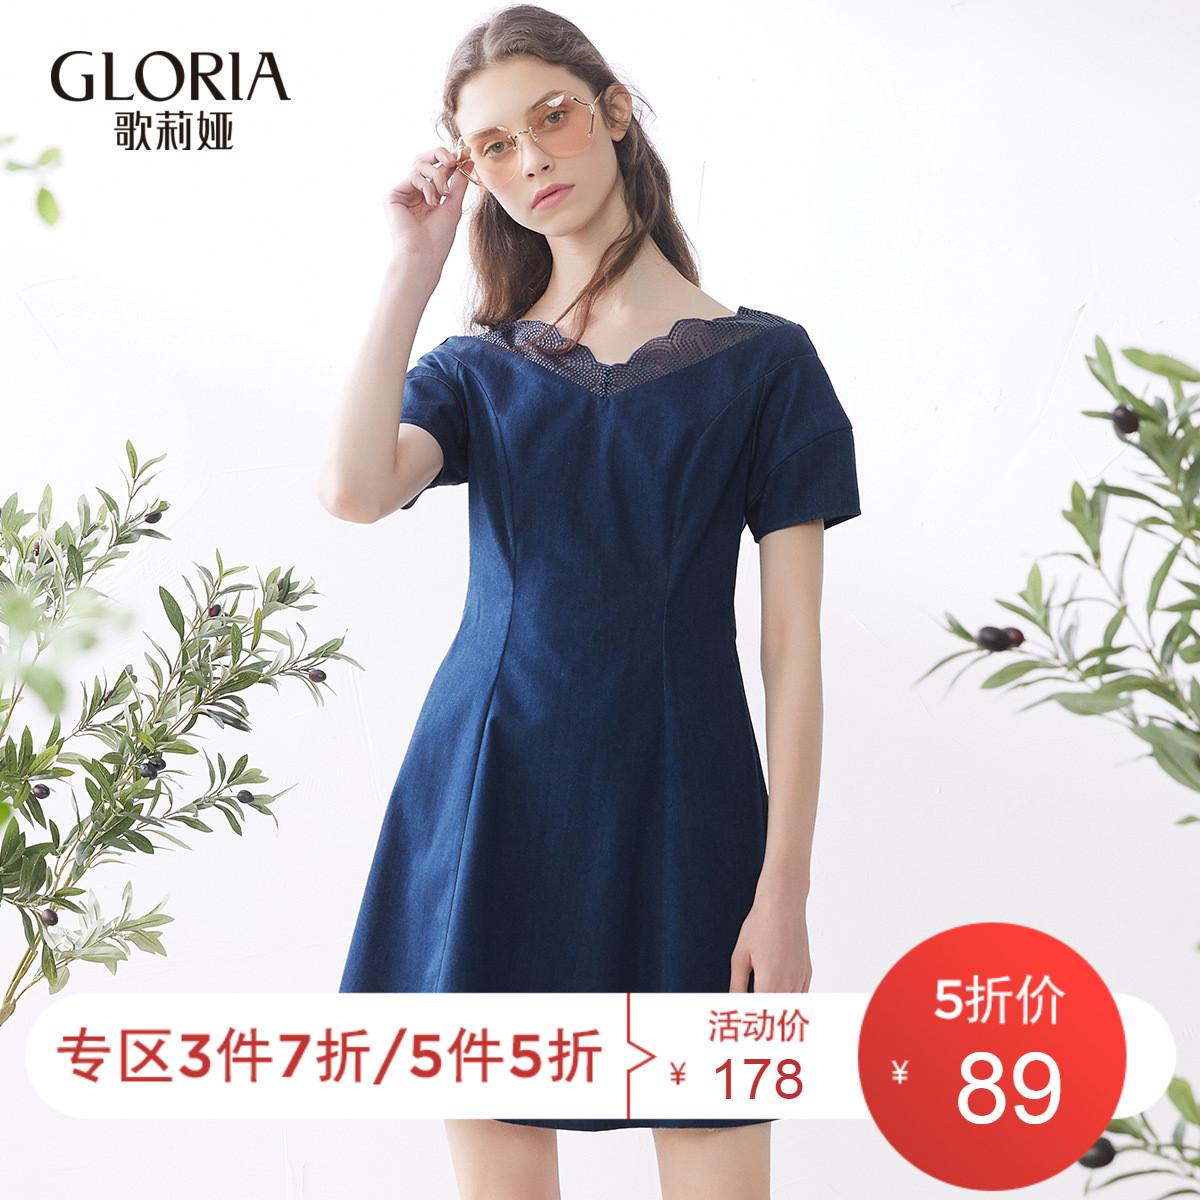 歌莉娅短袖连衣裙